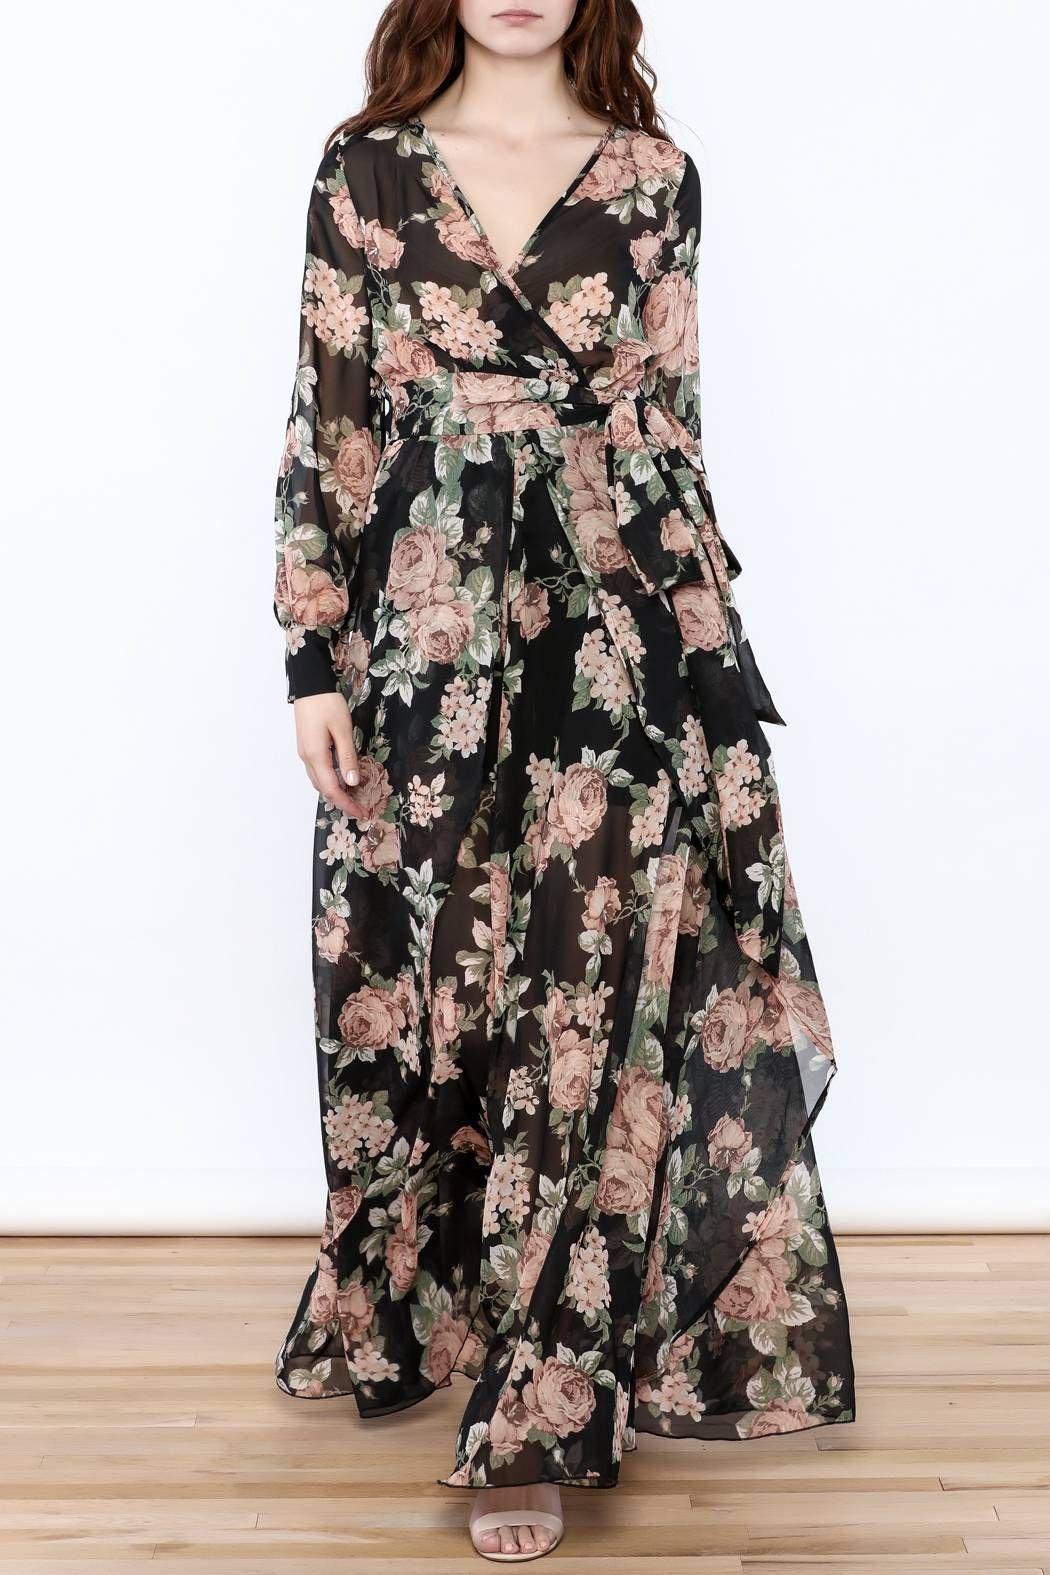 Floral Maxi Wrap Dress Maxi Outfits Floral Maxi Dress Dresses [ 1575 x 1050 Pixel ]